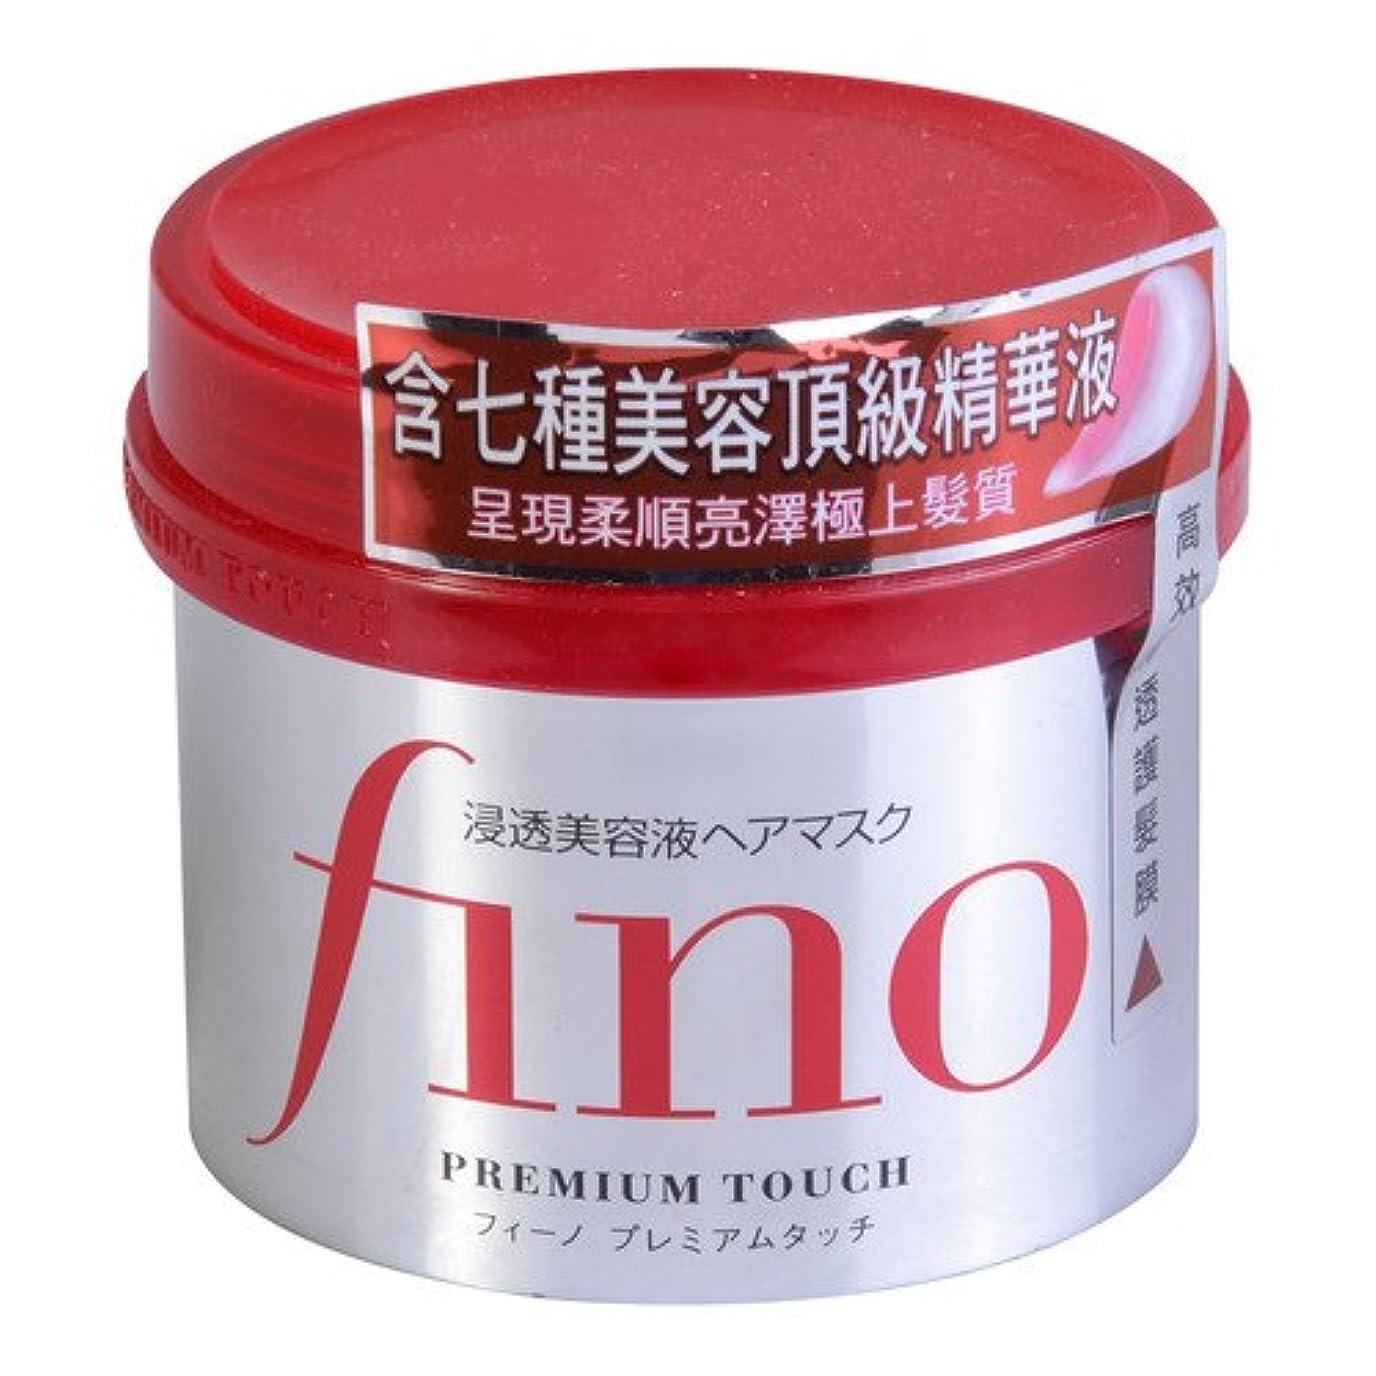 法王葉っぱしないでくださいフィーノ プレミアムタッチ 浸透美容液ヘアマスク230g